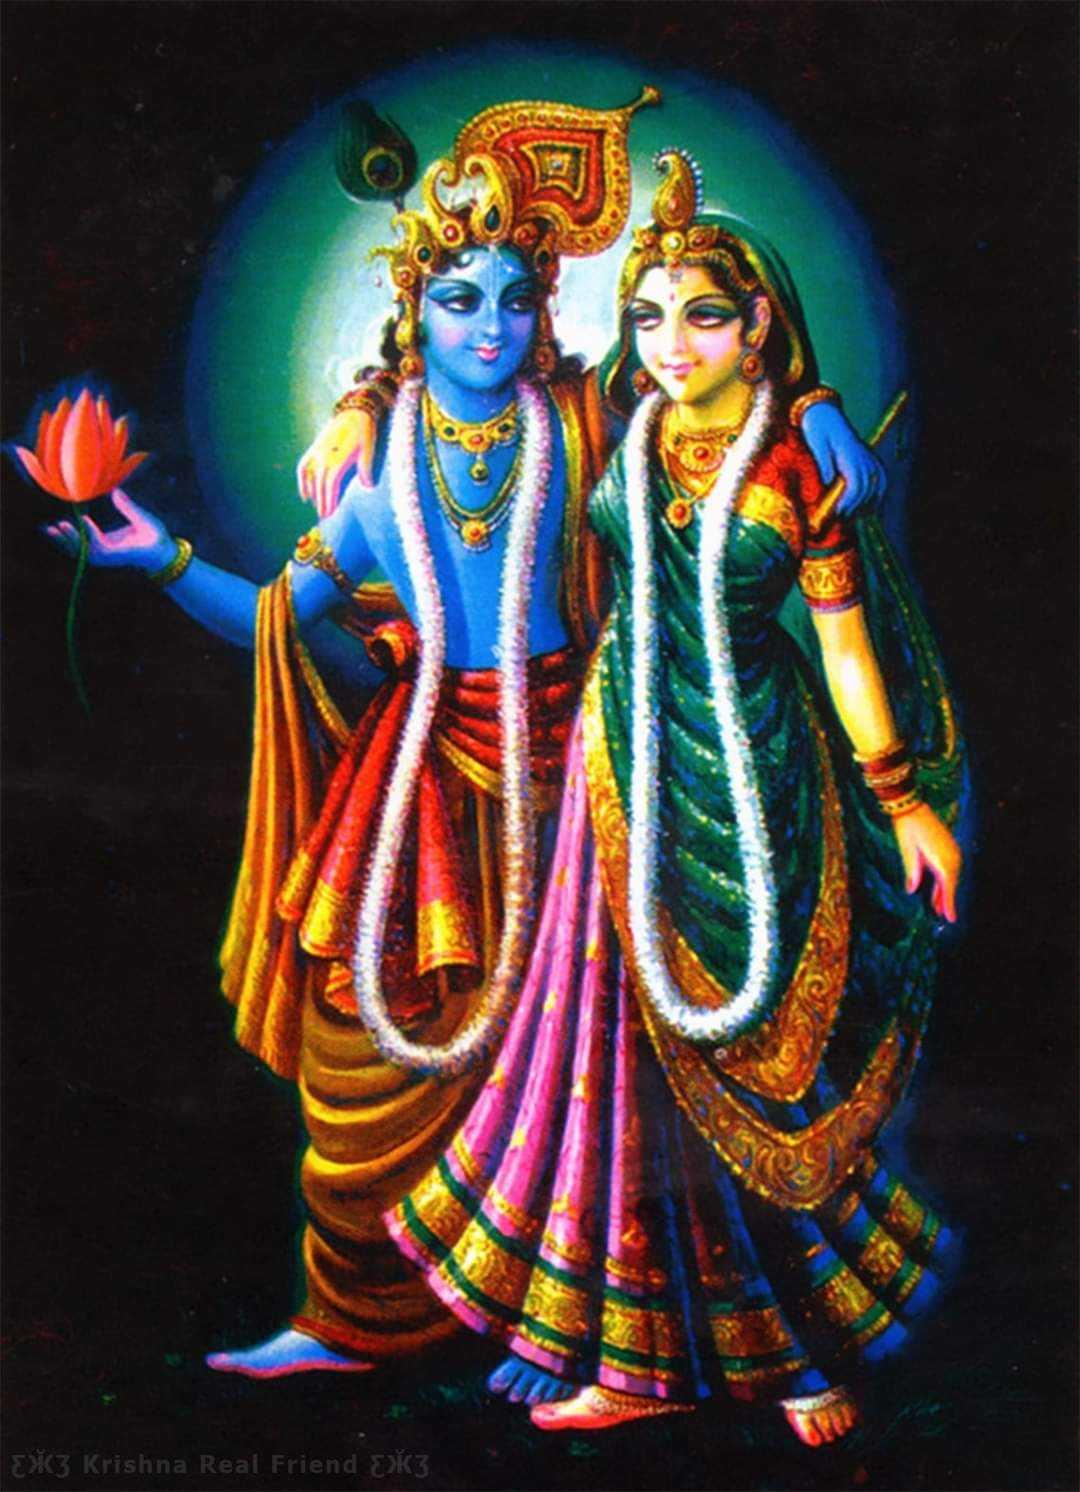 Radha Krishna images download free HD images for wallpaper - Radha Krishna images download free HD images for wallpaper